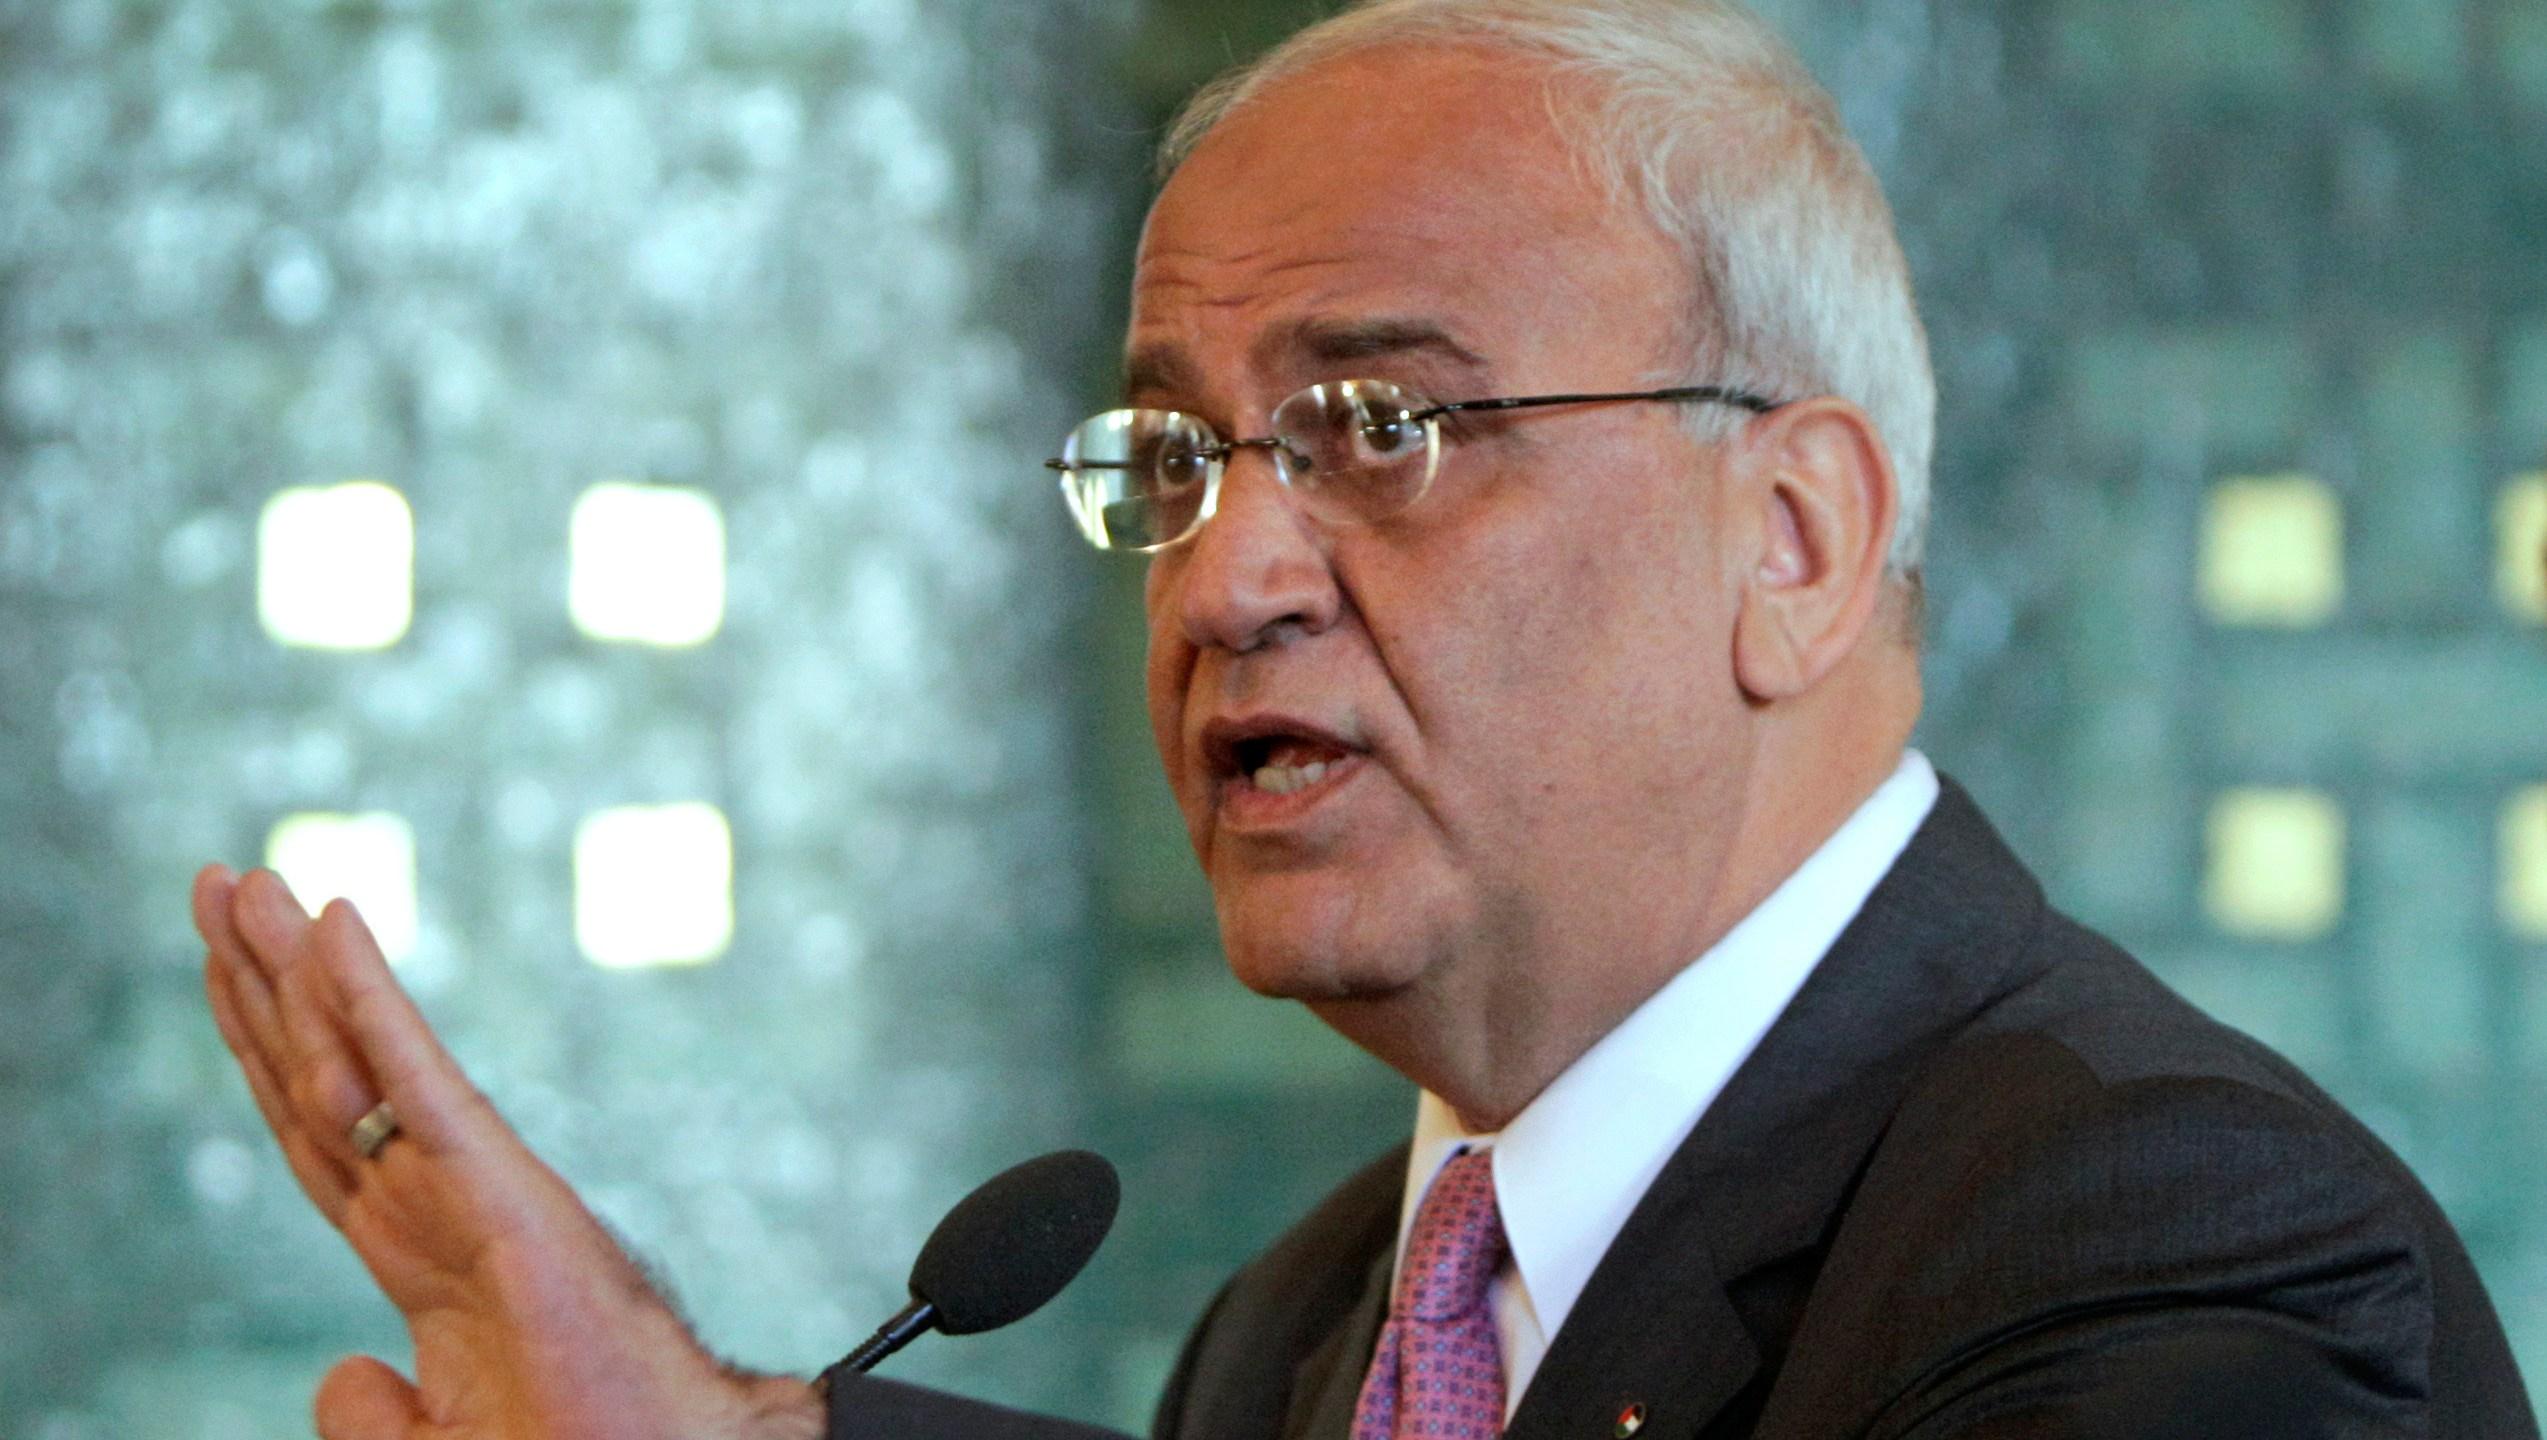 Saeb Erekat